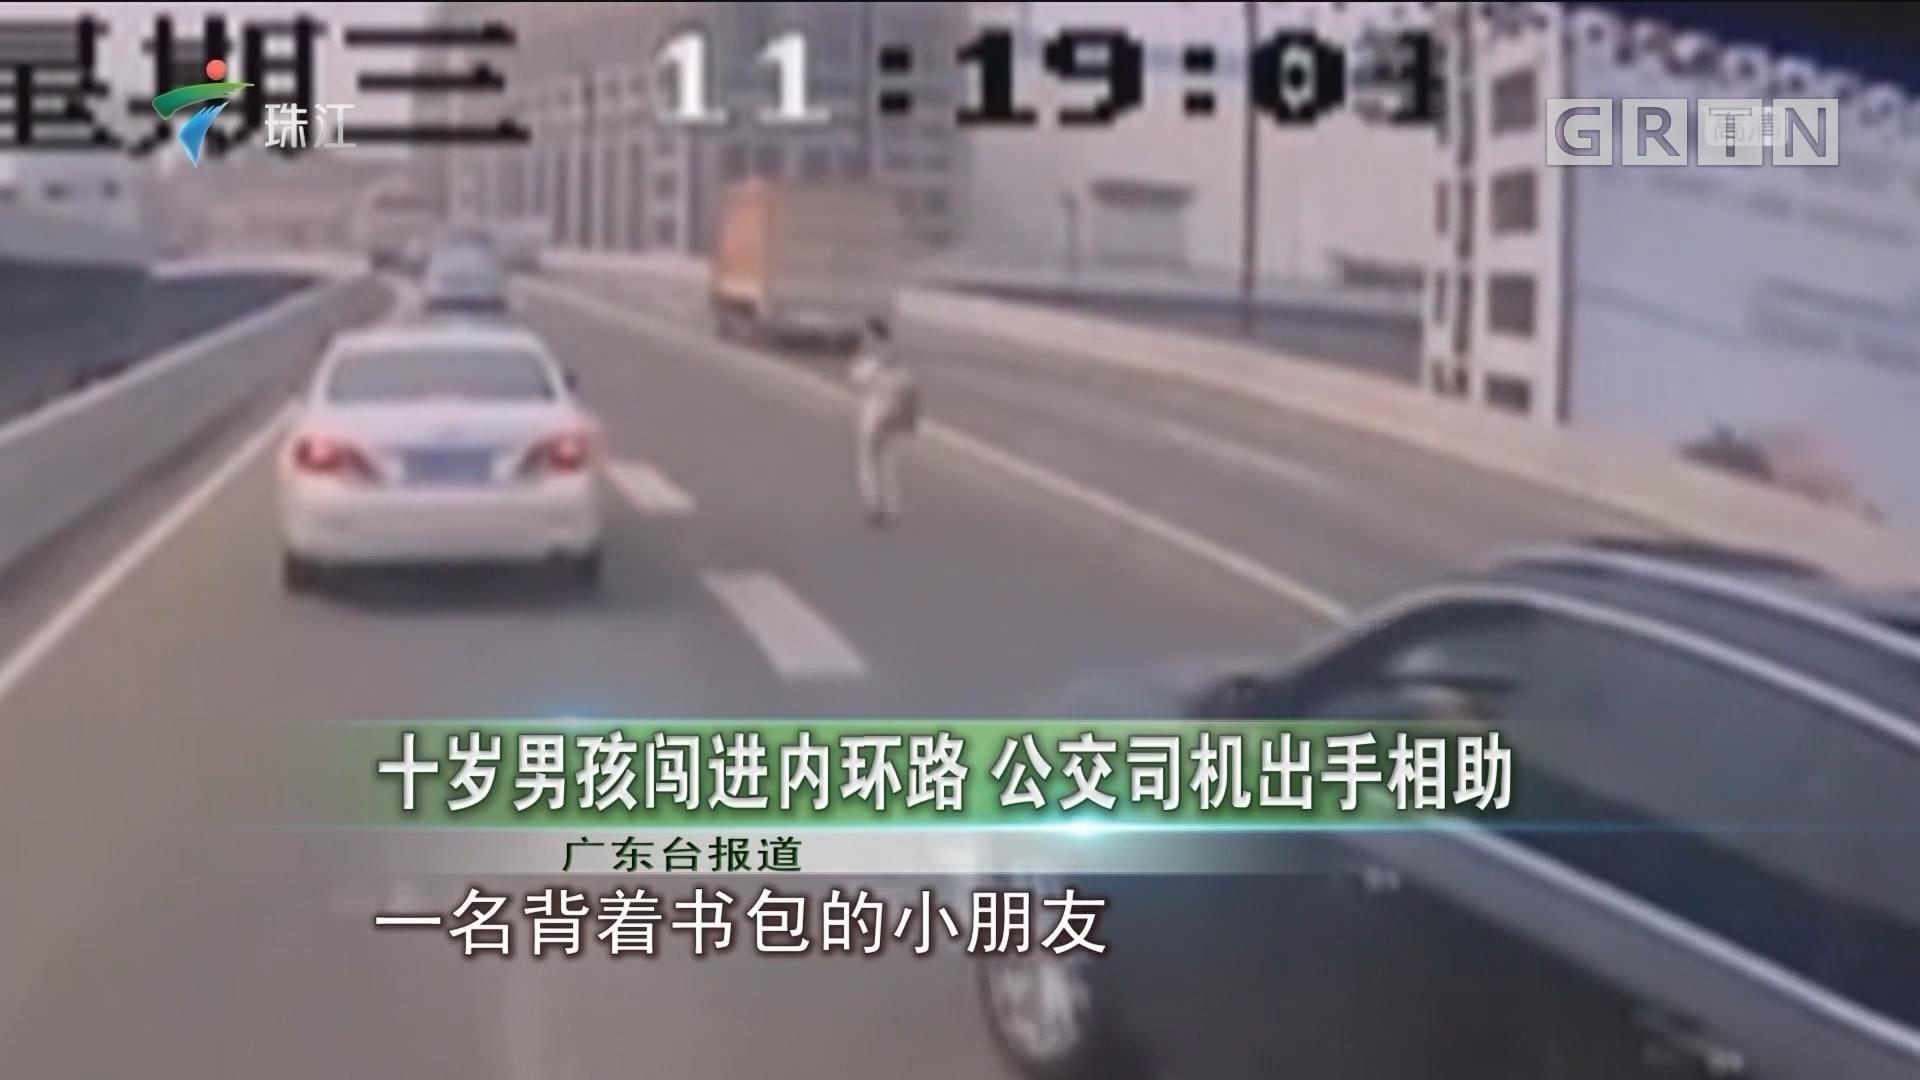 十岁男孩闯进内环路 公交司机出手相助